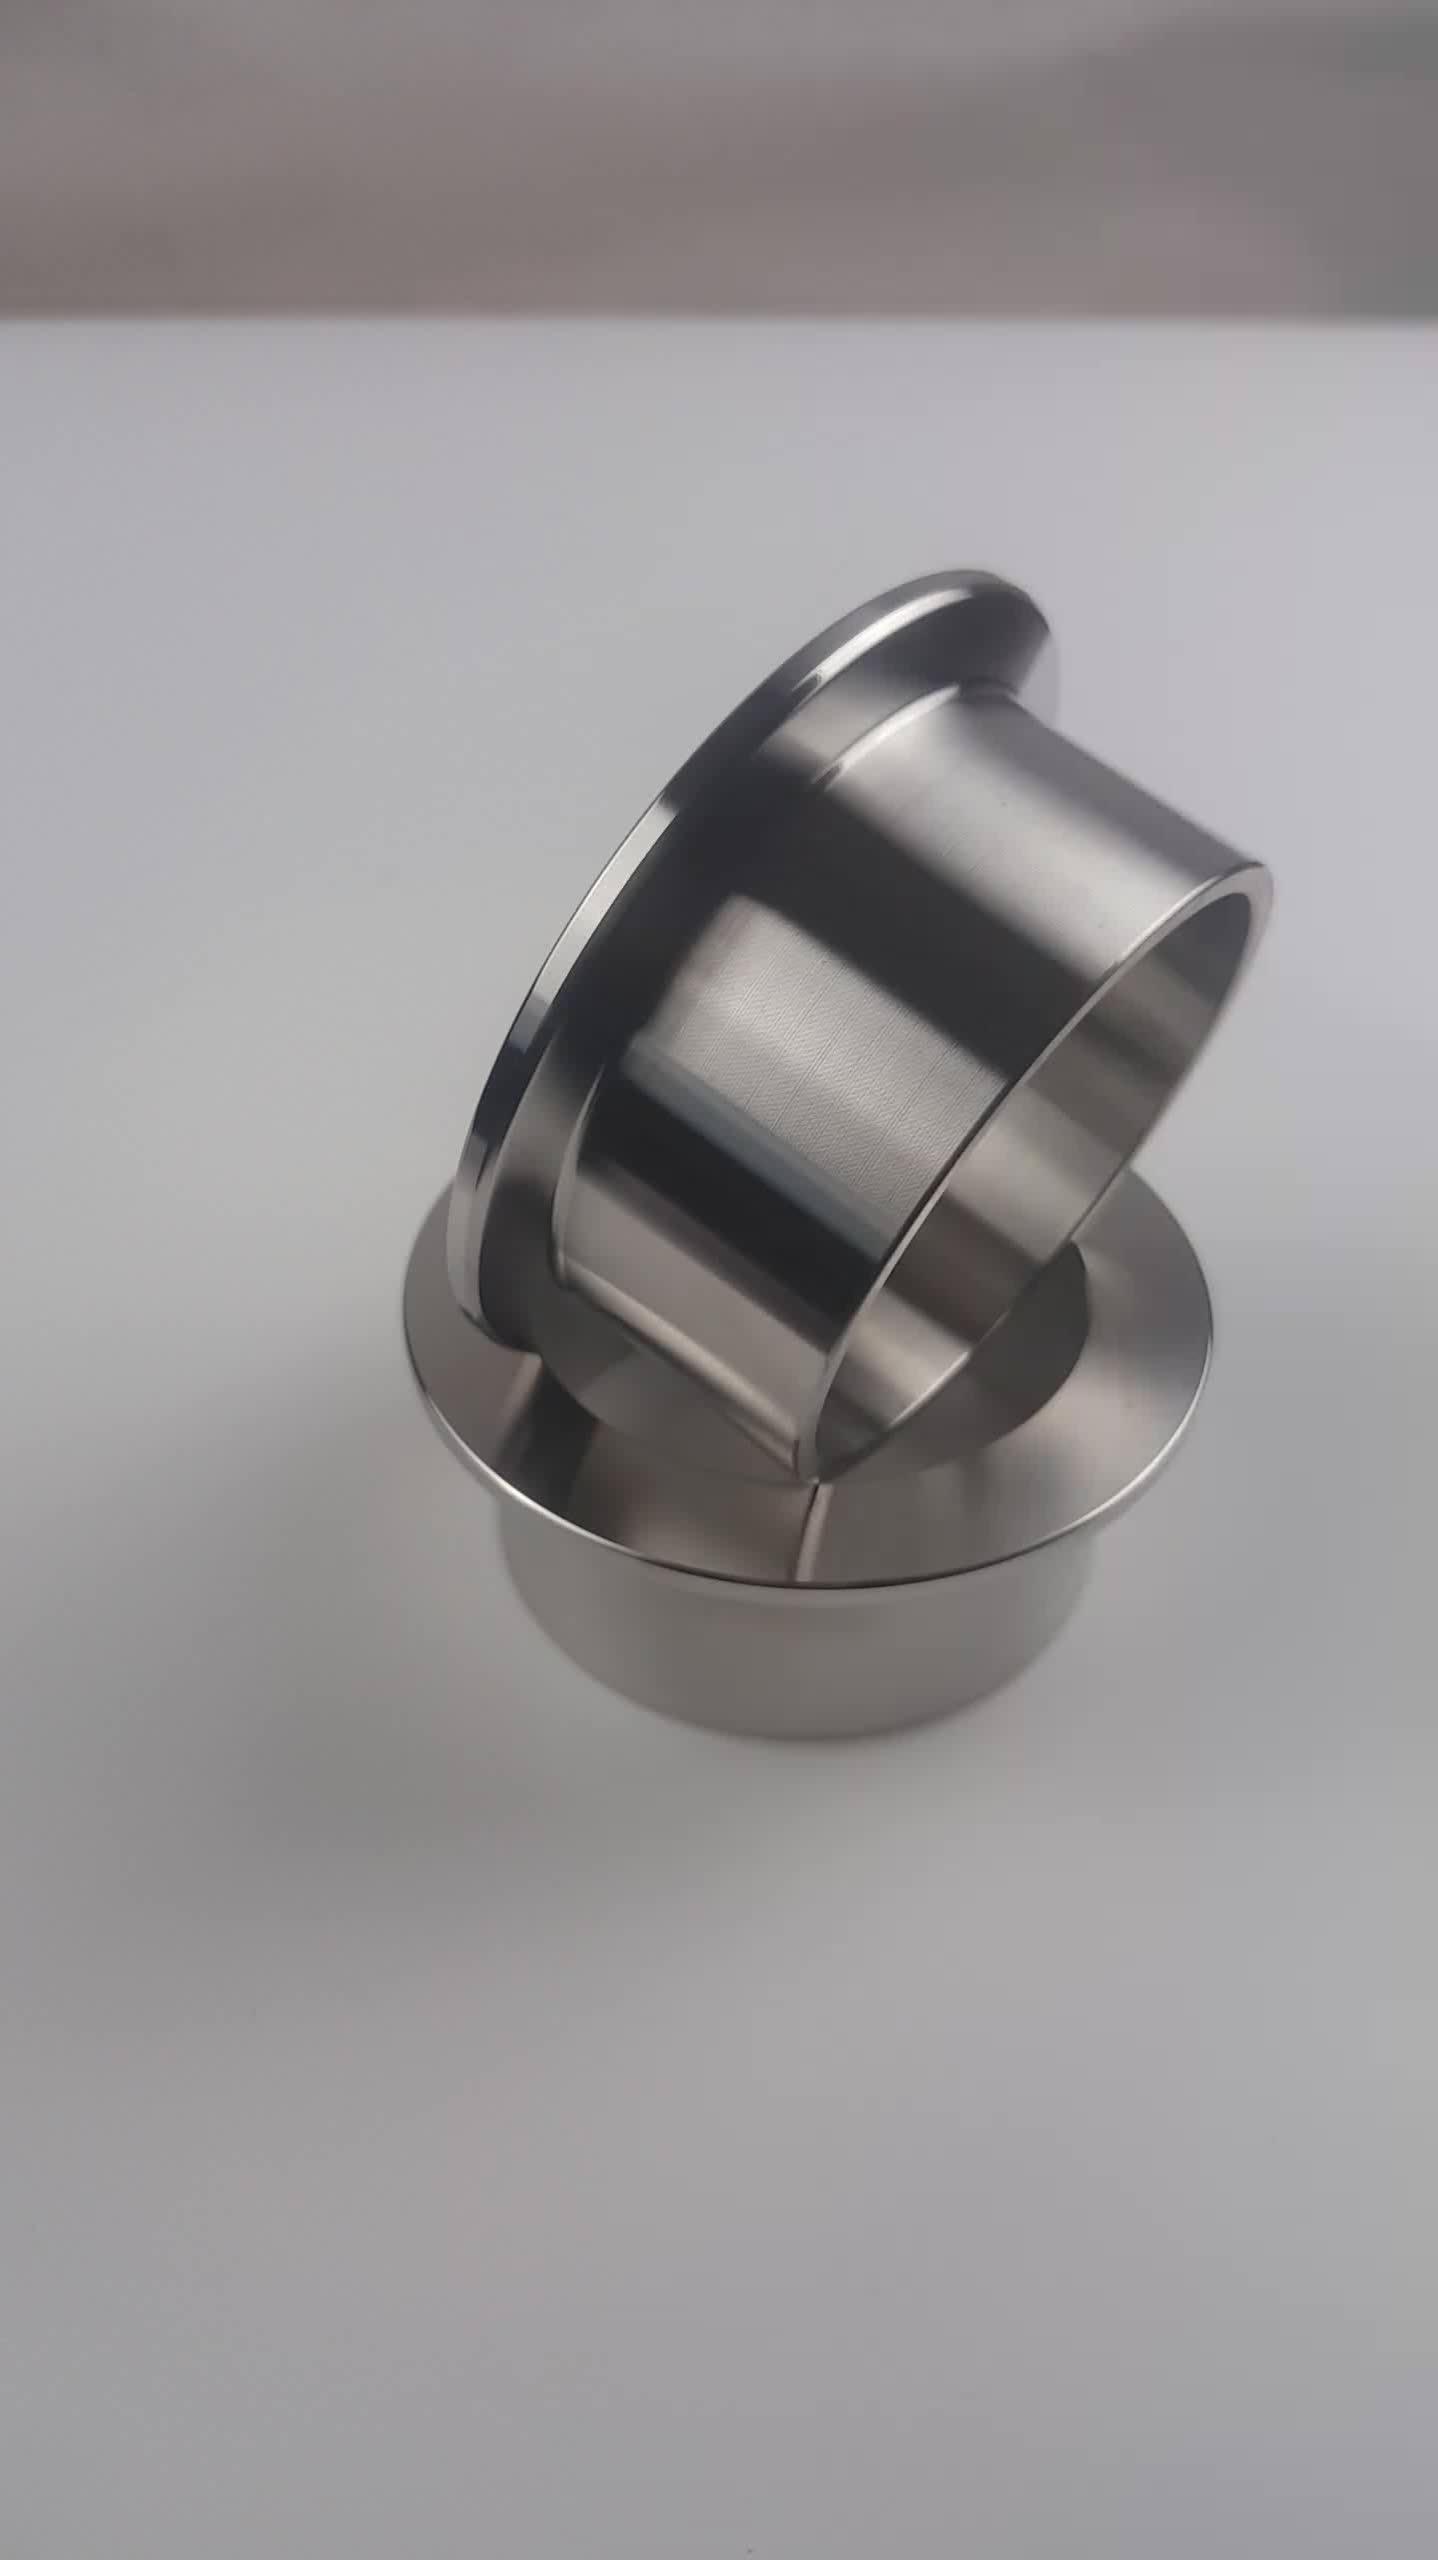 KF10 KF16 KF25 KF40 KF50 flange weld quick fitting stainless steel KF vacuum half nipple